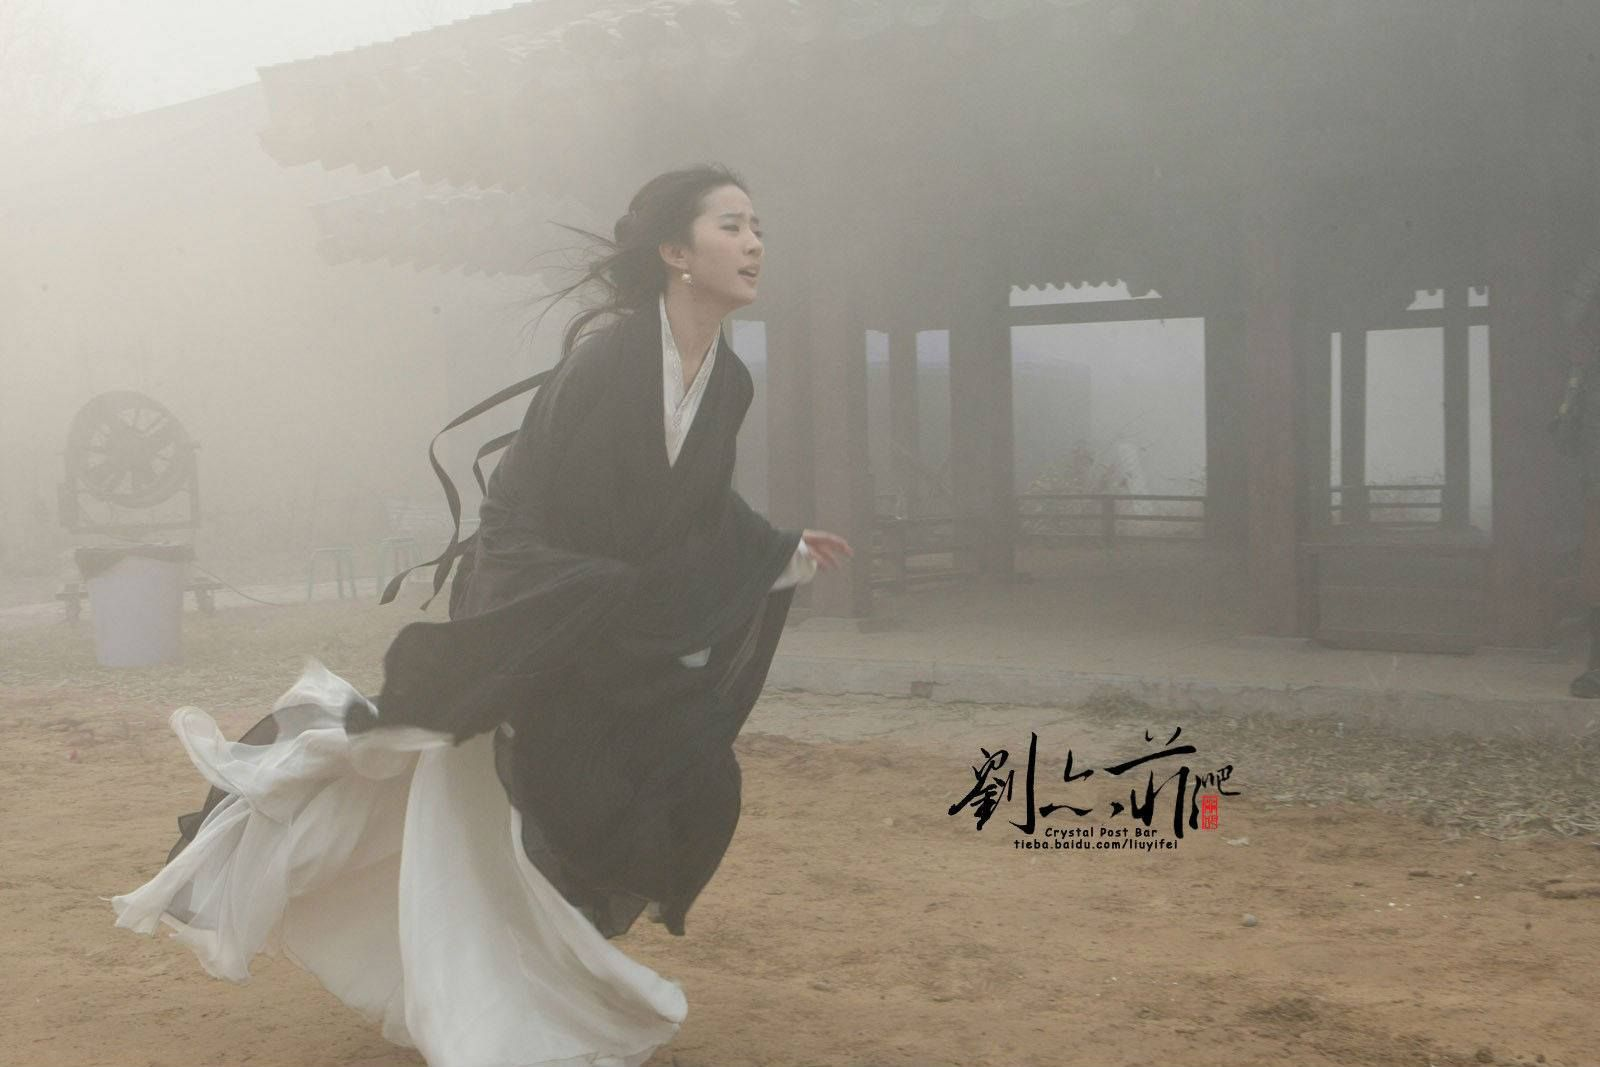 刘亦菲 Crystal Liu Yi Fei 2011 銅雀台